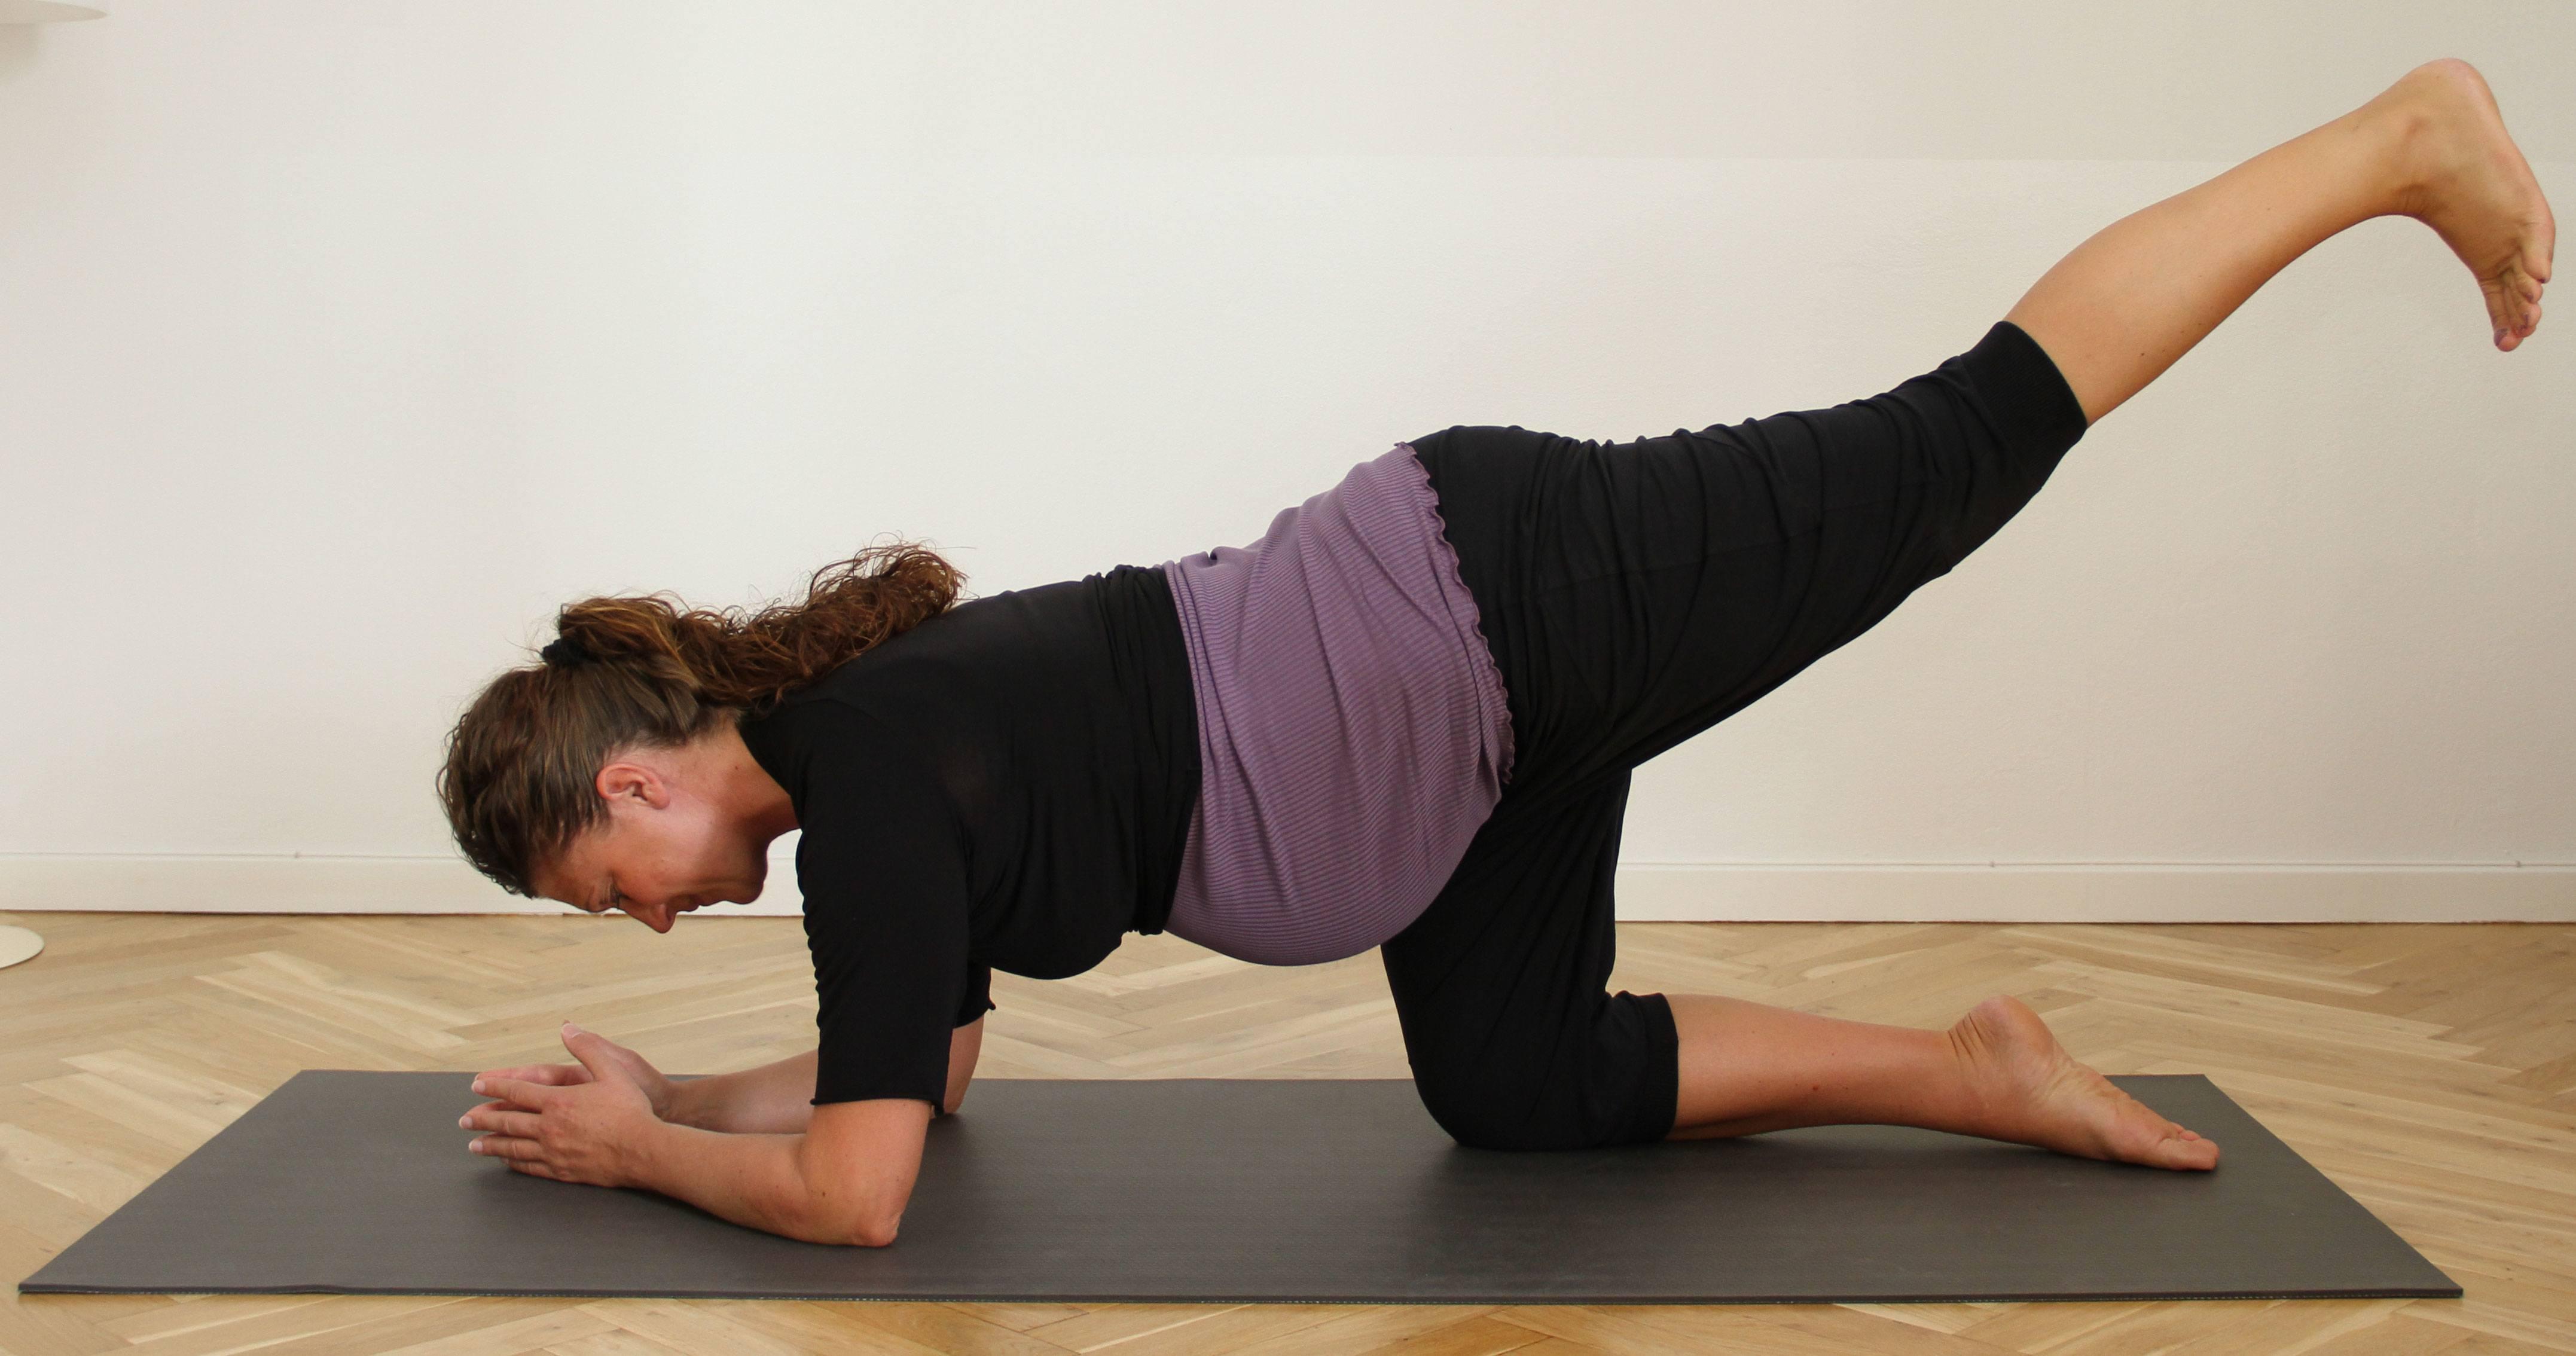 problemer med rejsning gode stillinger til at blive gravid